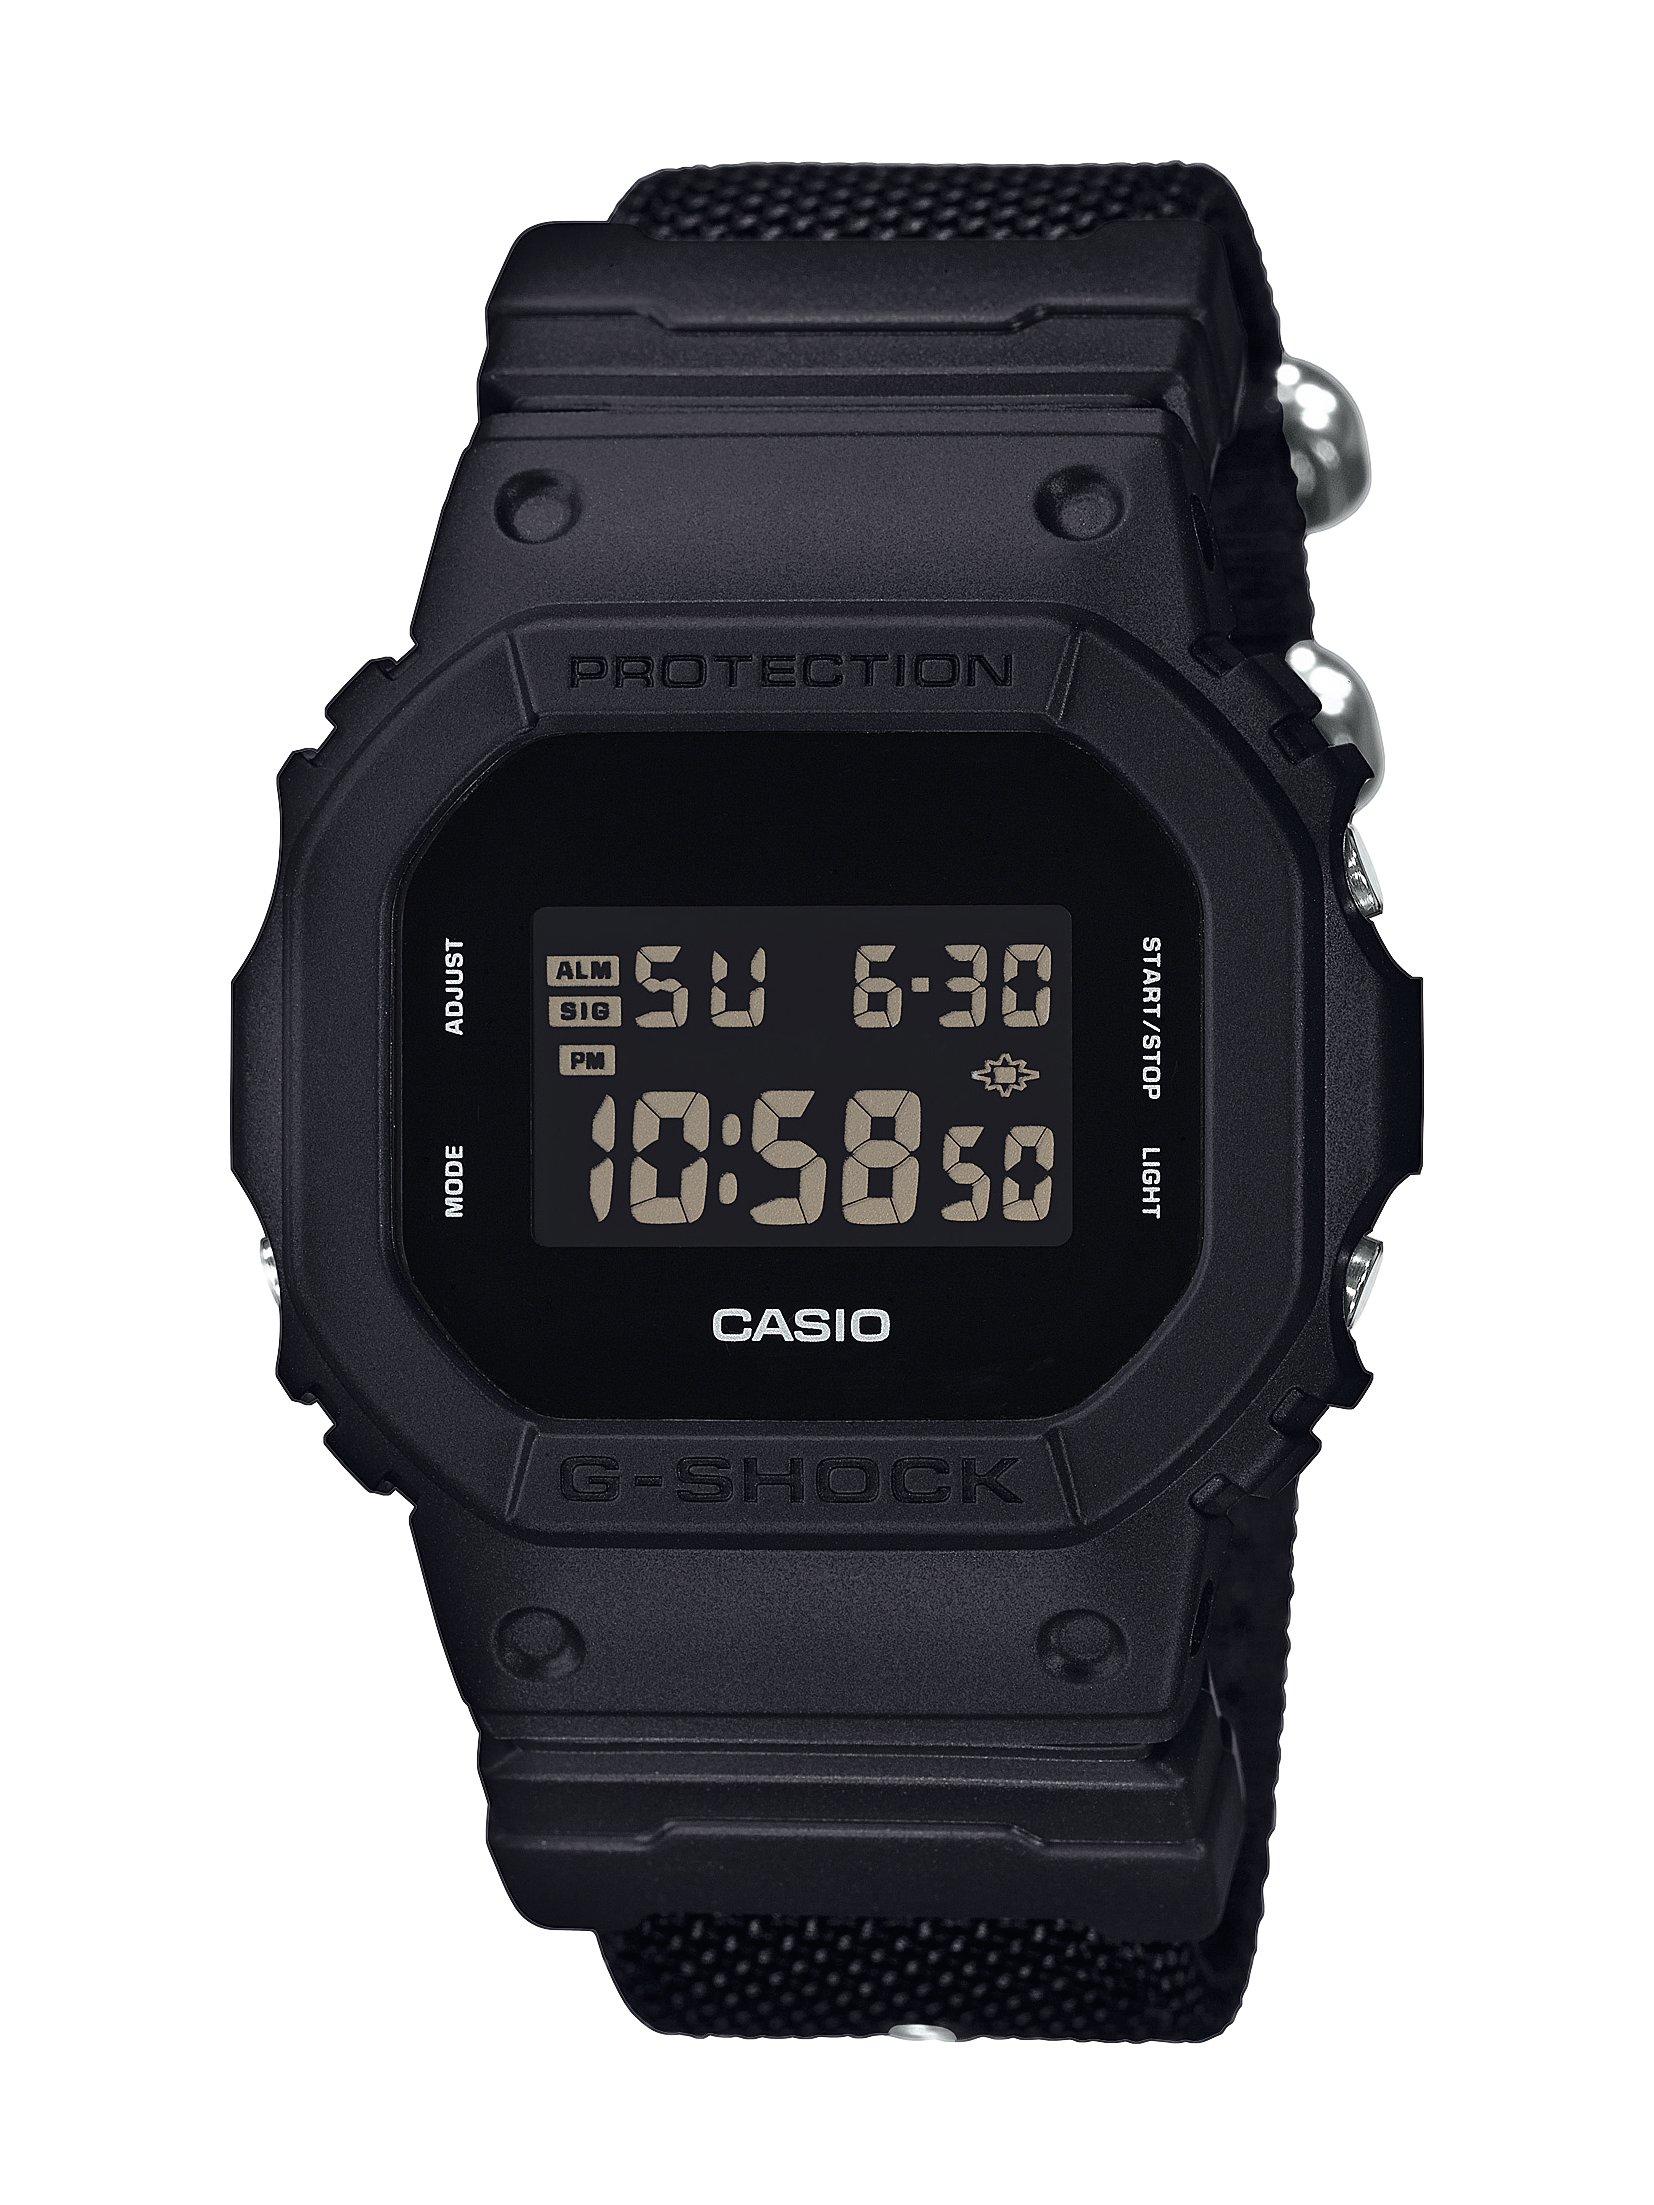 Item Men's watch Casio G-Shock DW-5600BBN black 200M